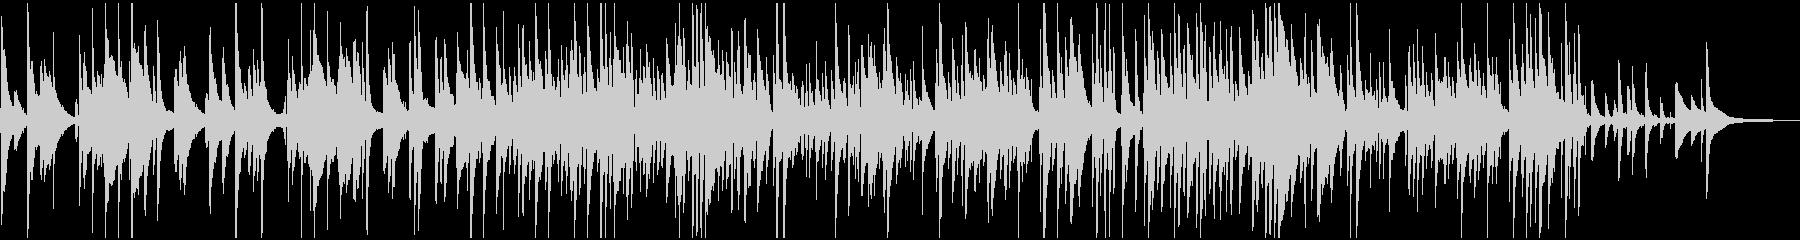 トリオ、スロー・ムーディーなBGMの未再生の波形